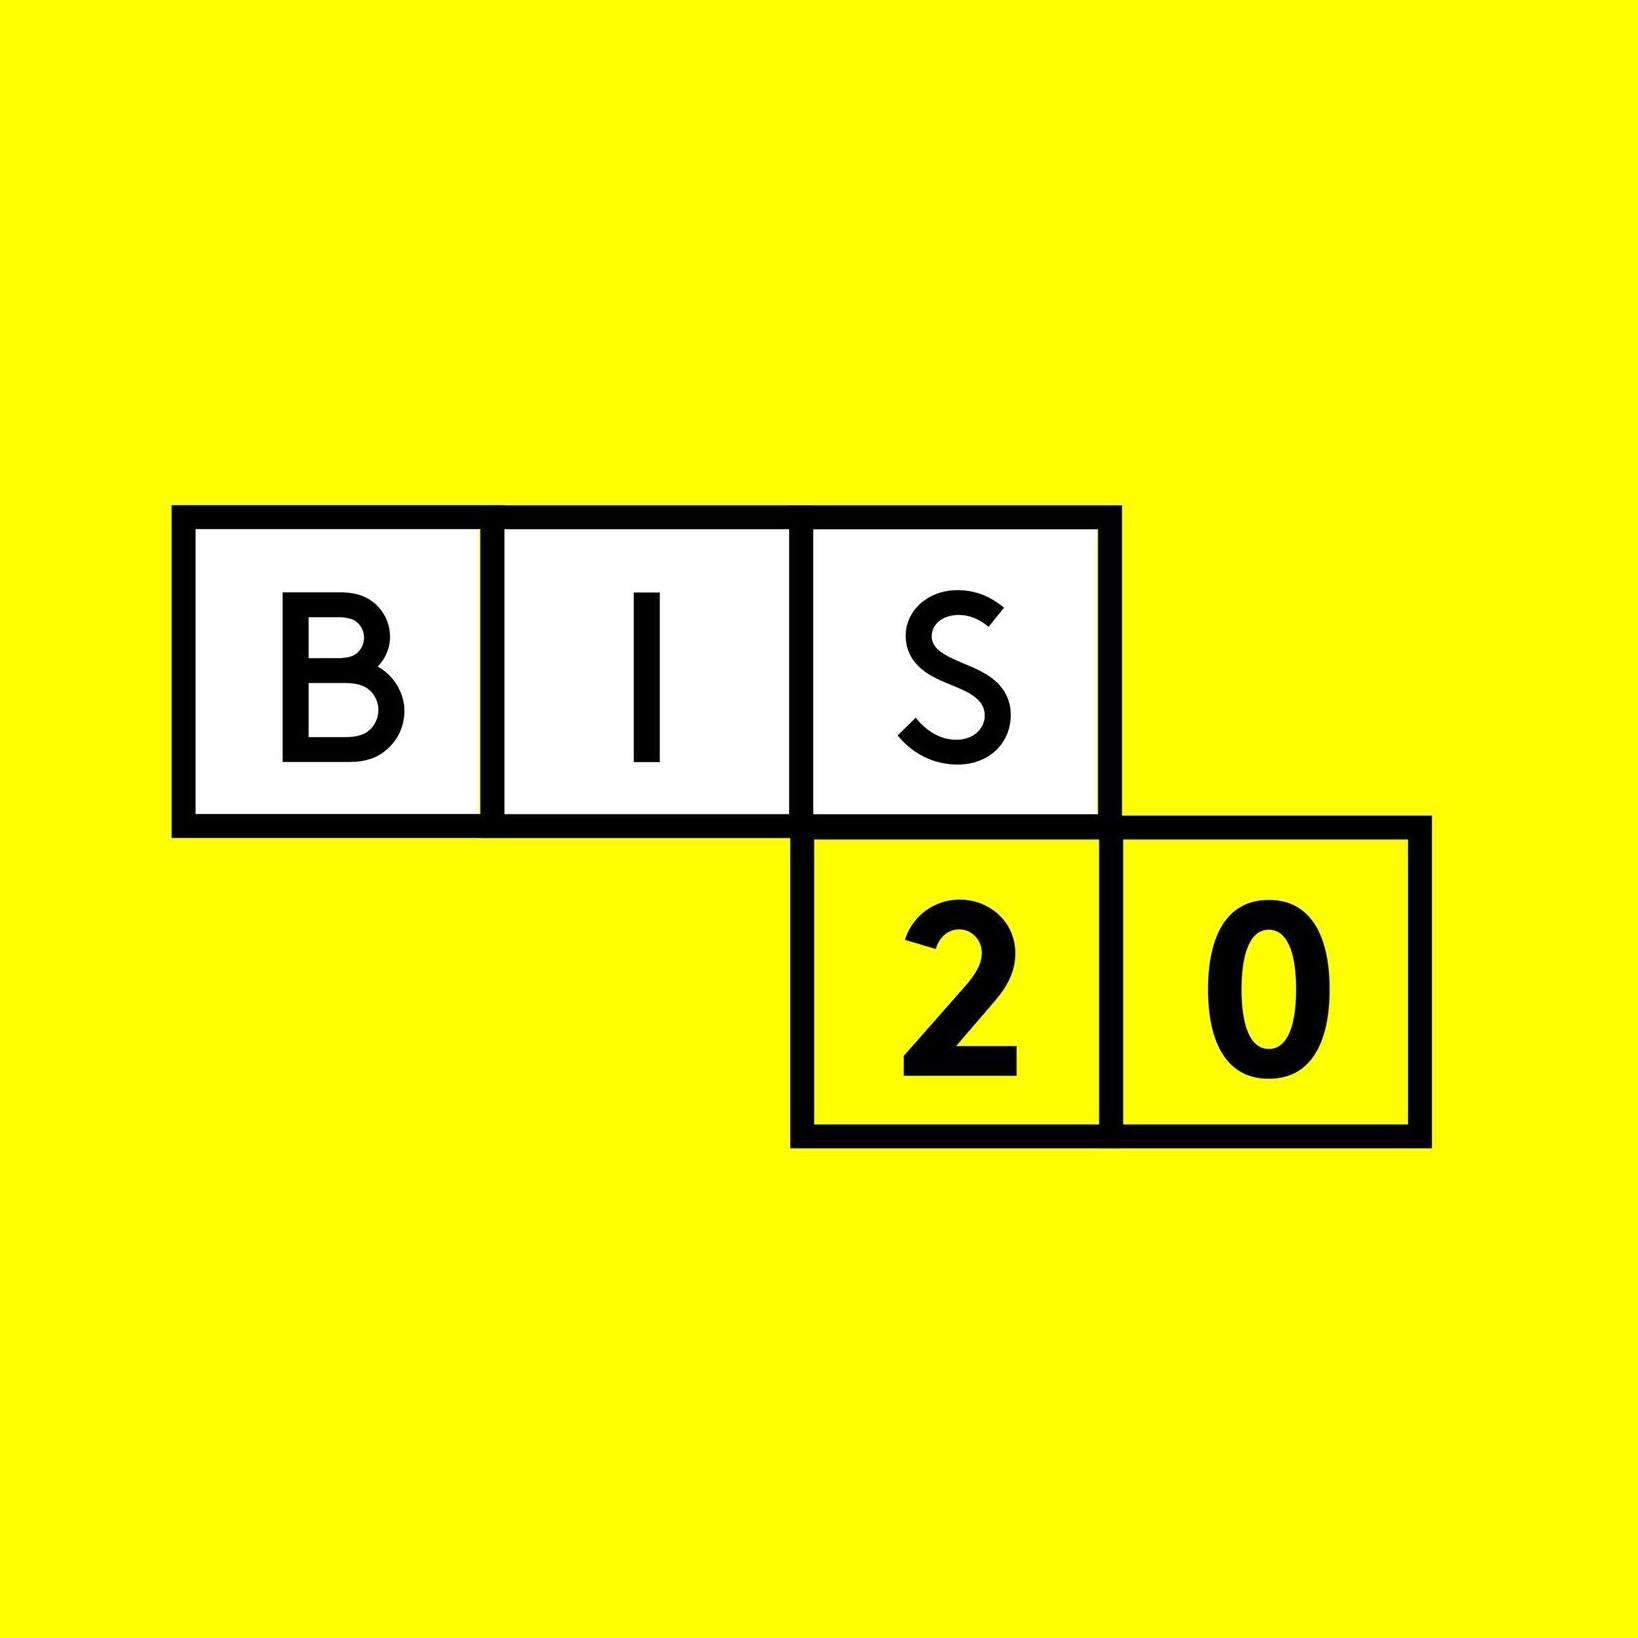 Scheldimmo op BIS 2020